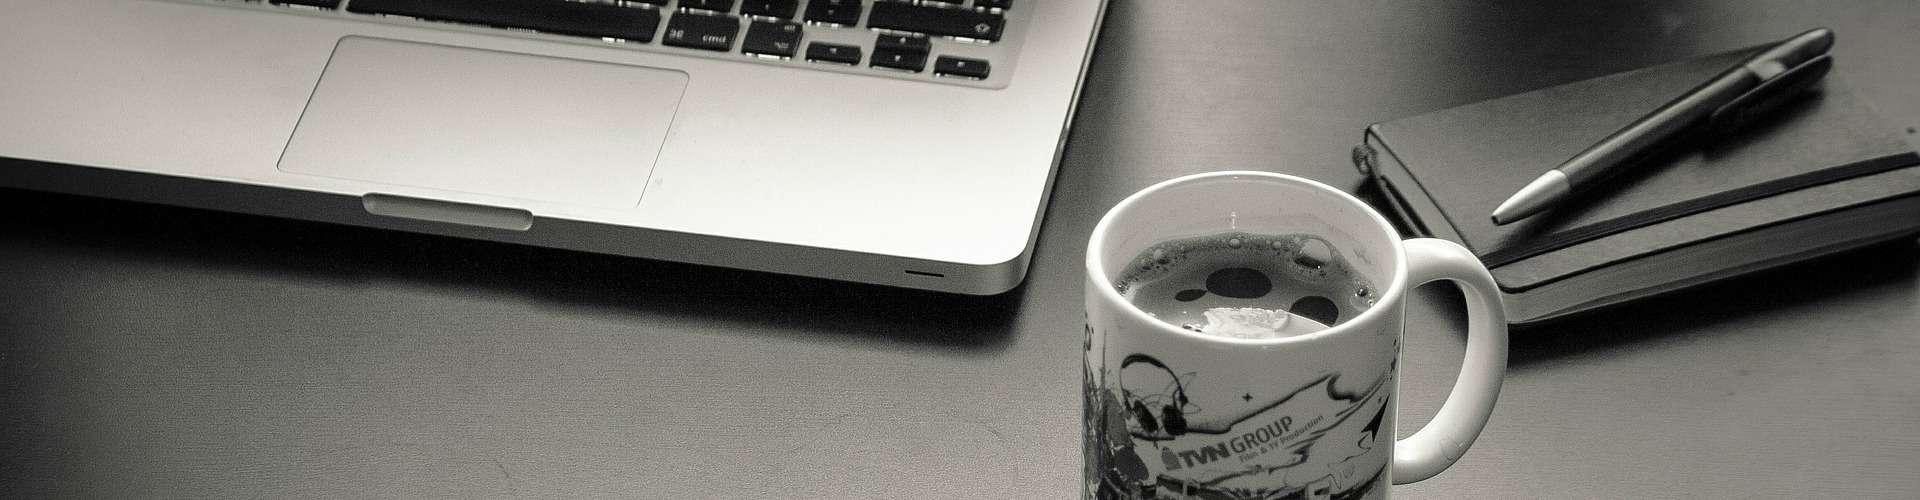 koffie-laptop-header